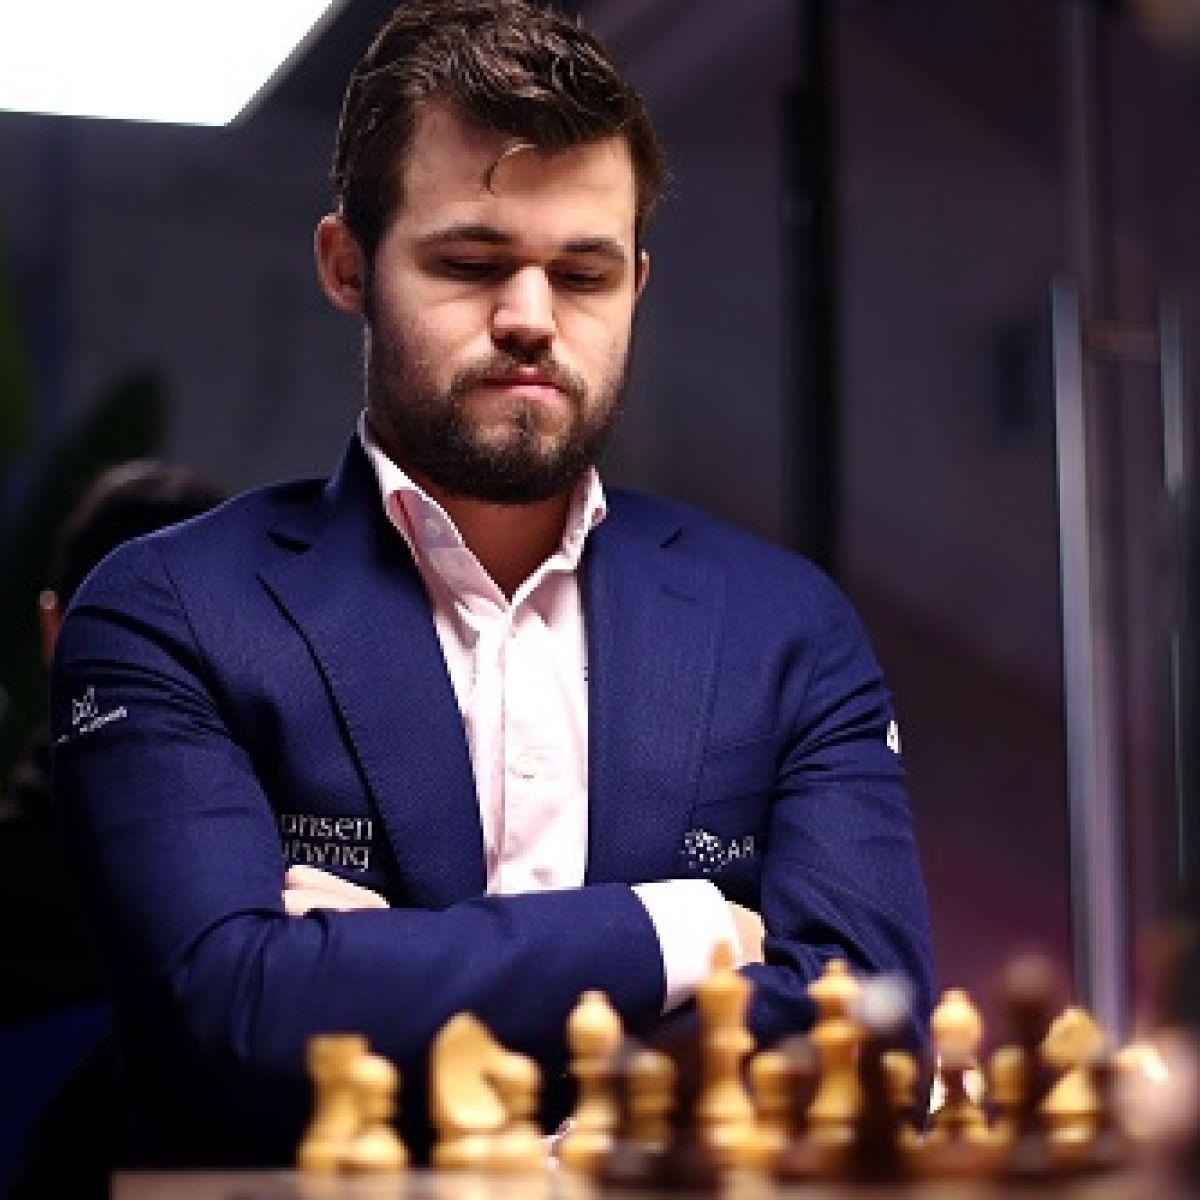 Magnus Carlsen Biography